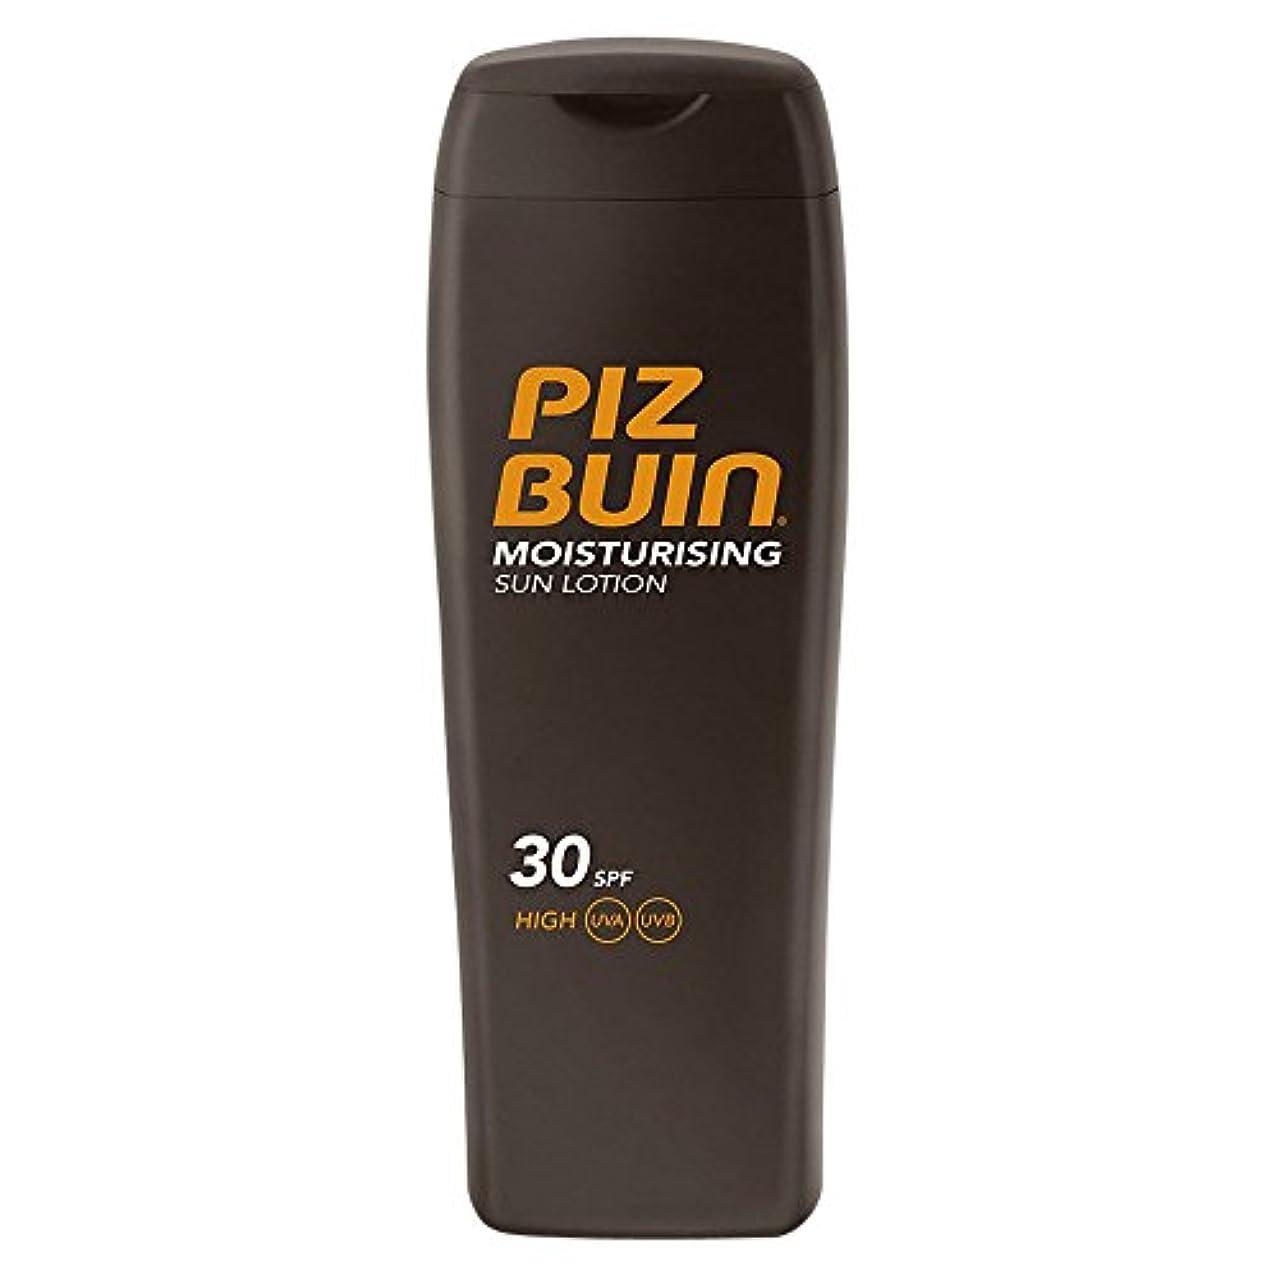 背景最終標高ピッツブイン保湿Spf30日焼けローション200ミリリットル (Piz Buin) (x2) - Piz Buin Moisturising SPF30 Sun Lotion 200ml (Pack of 2) [並行輸入品]